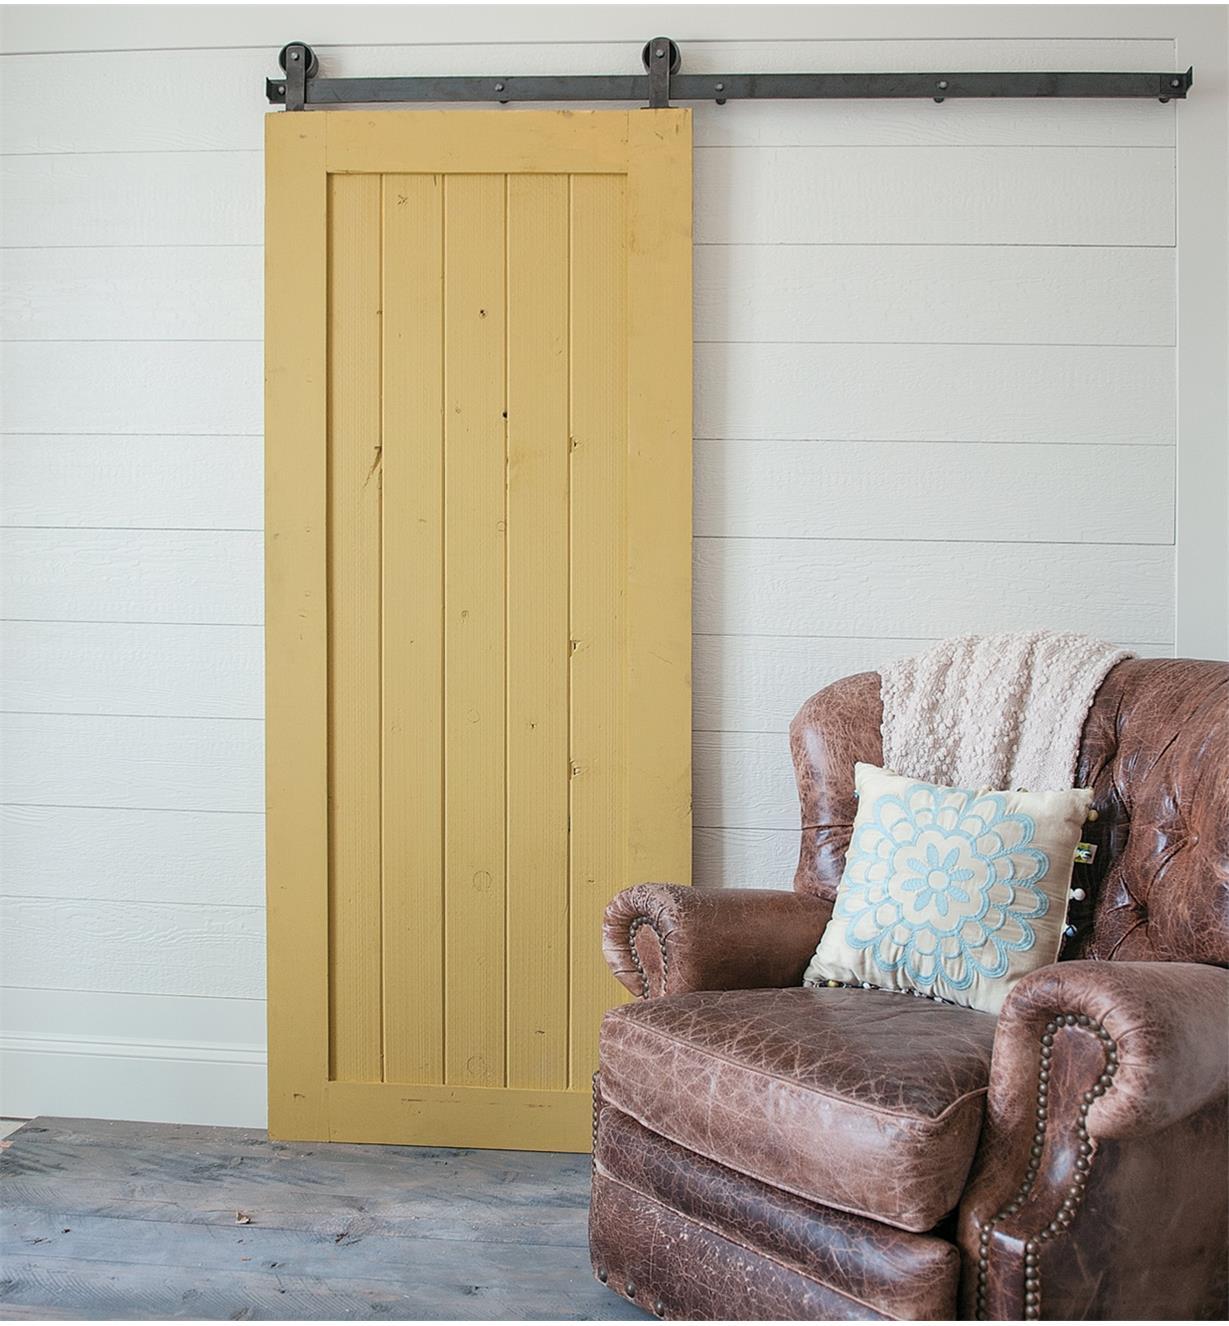 A door mounted with Classic Top-Mount Barn-Style Door Hardware